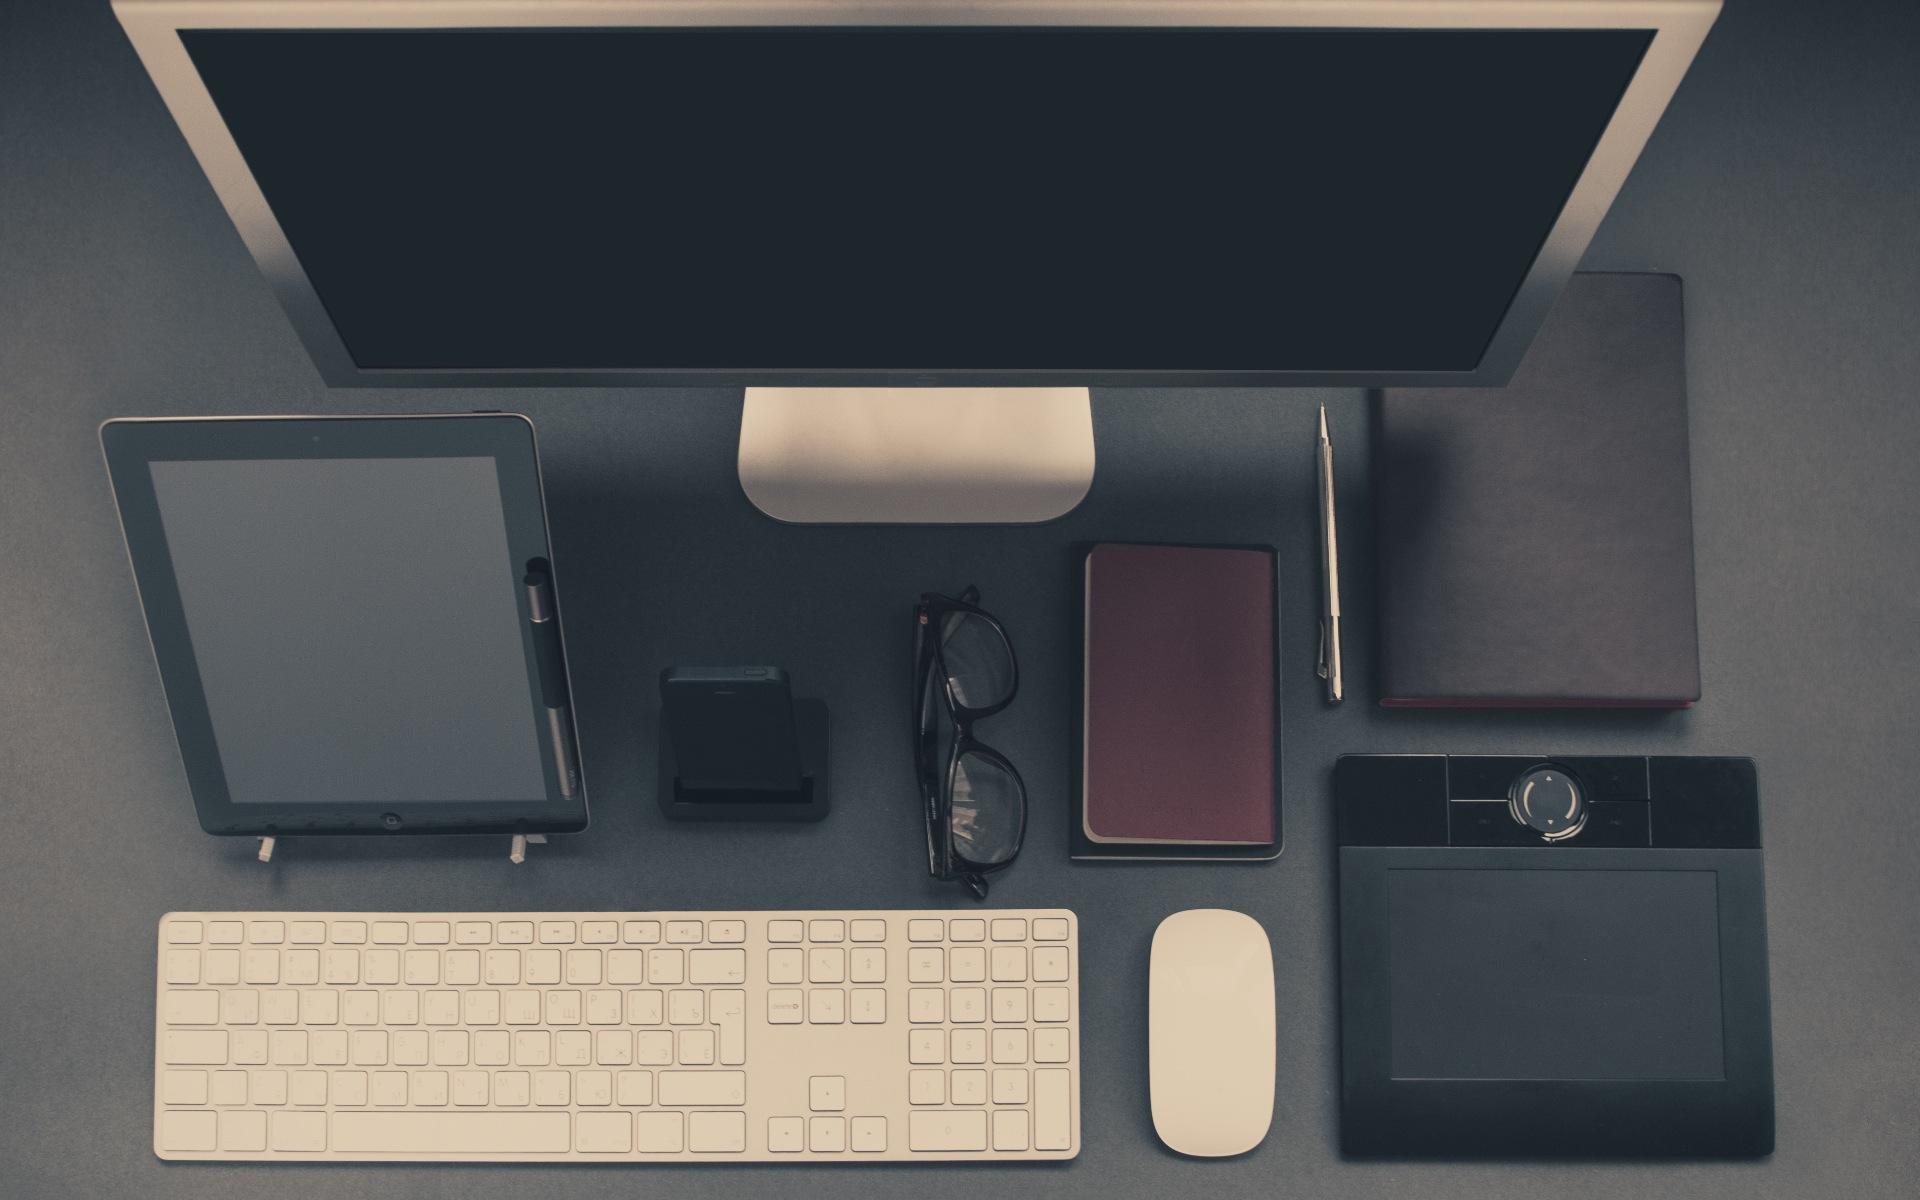 デスクトップ, 事務所, コンピューター, Mac, タブレット, 計算されました。, iPhone, キーボード, マウス - HD の壁紙 - 教授-falken.com